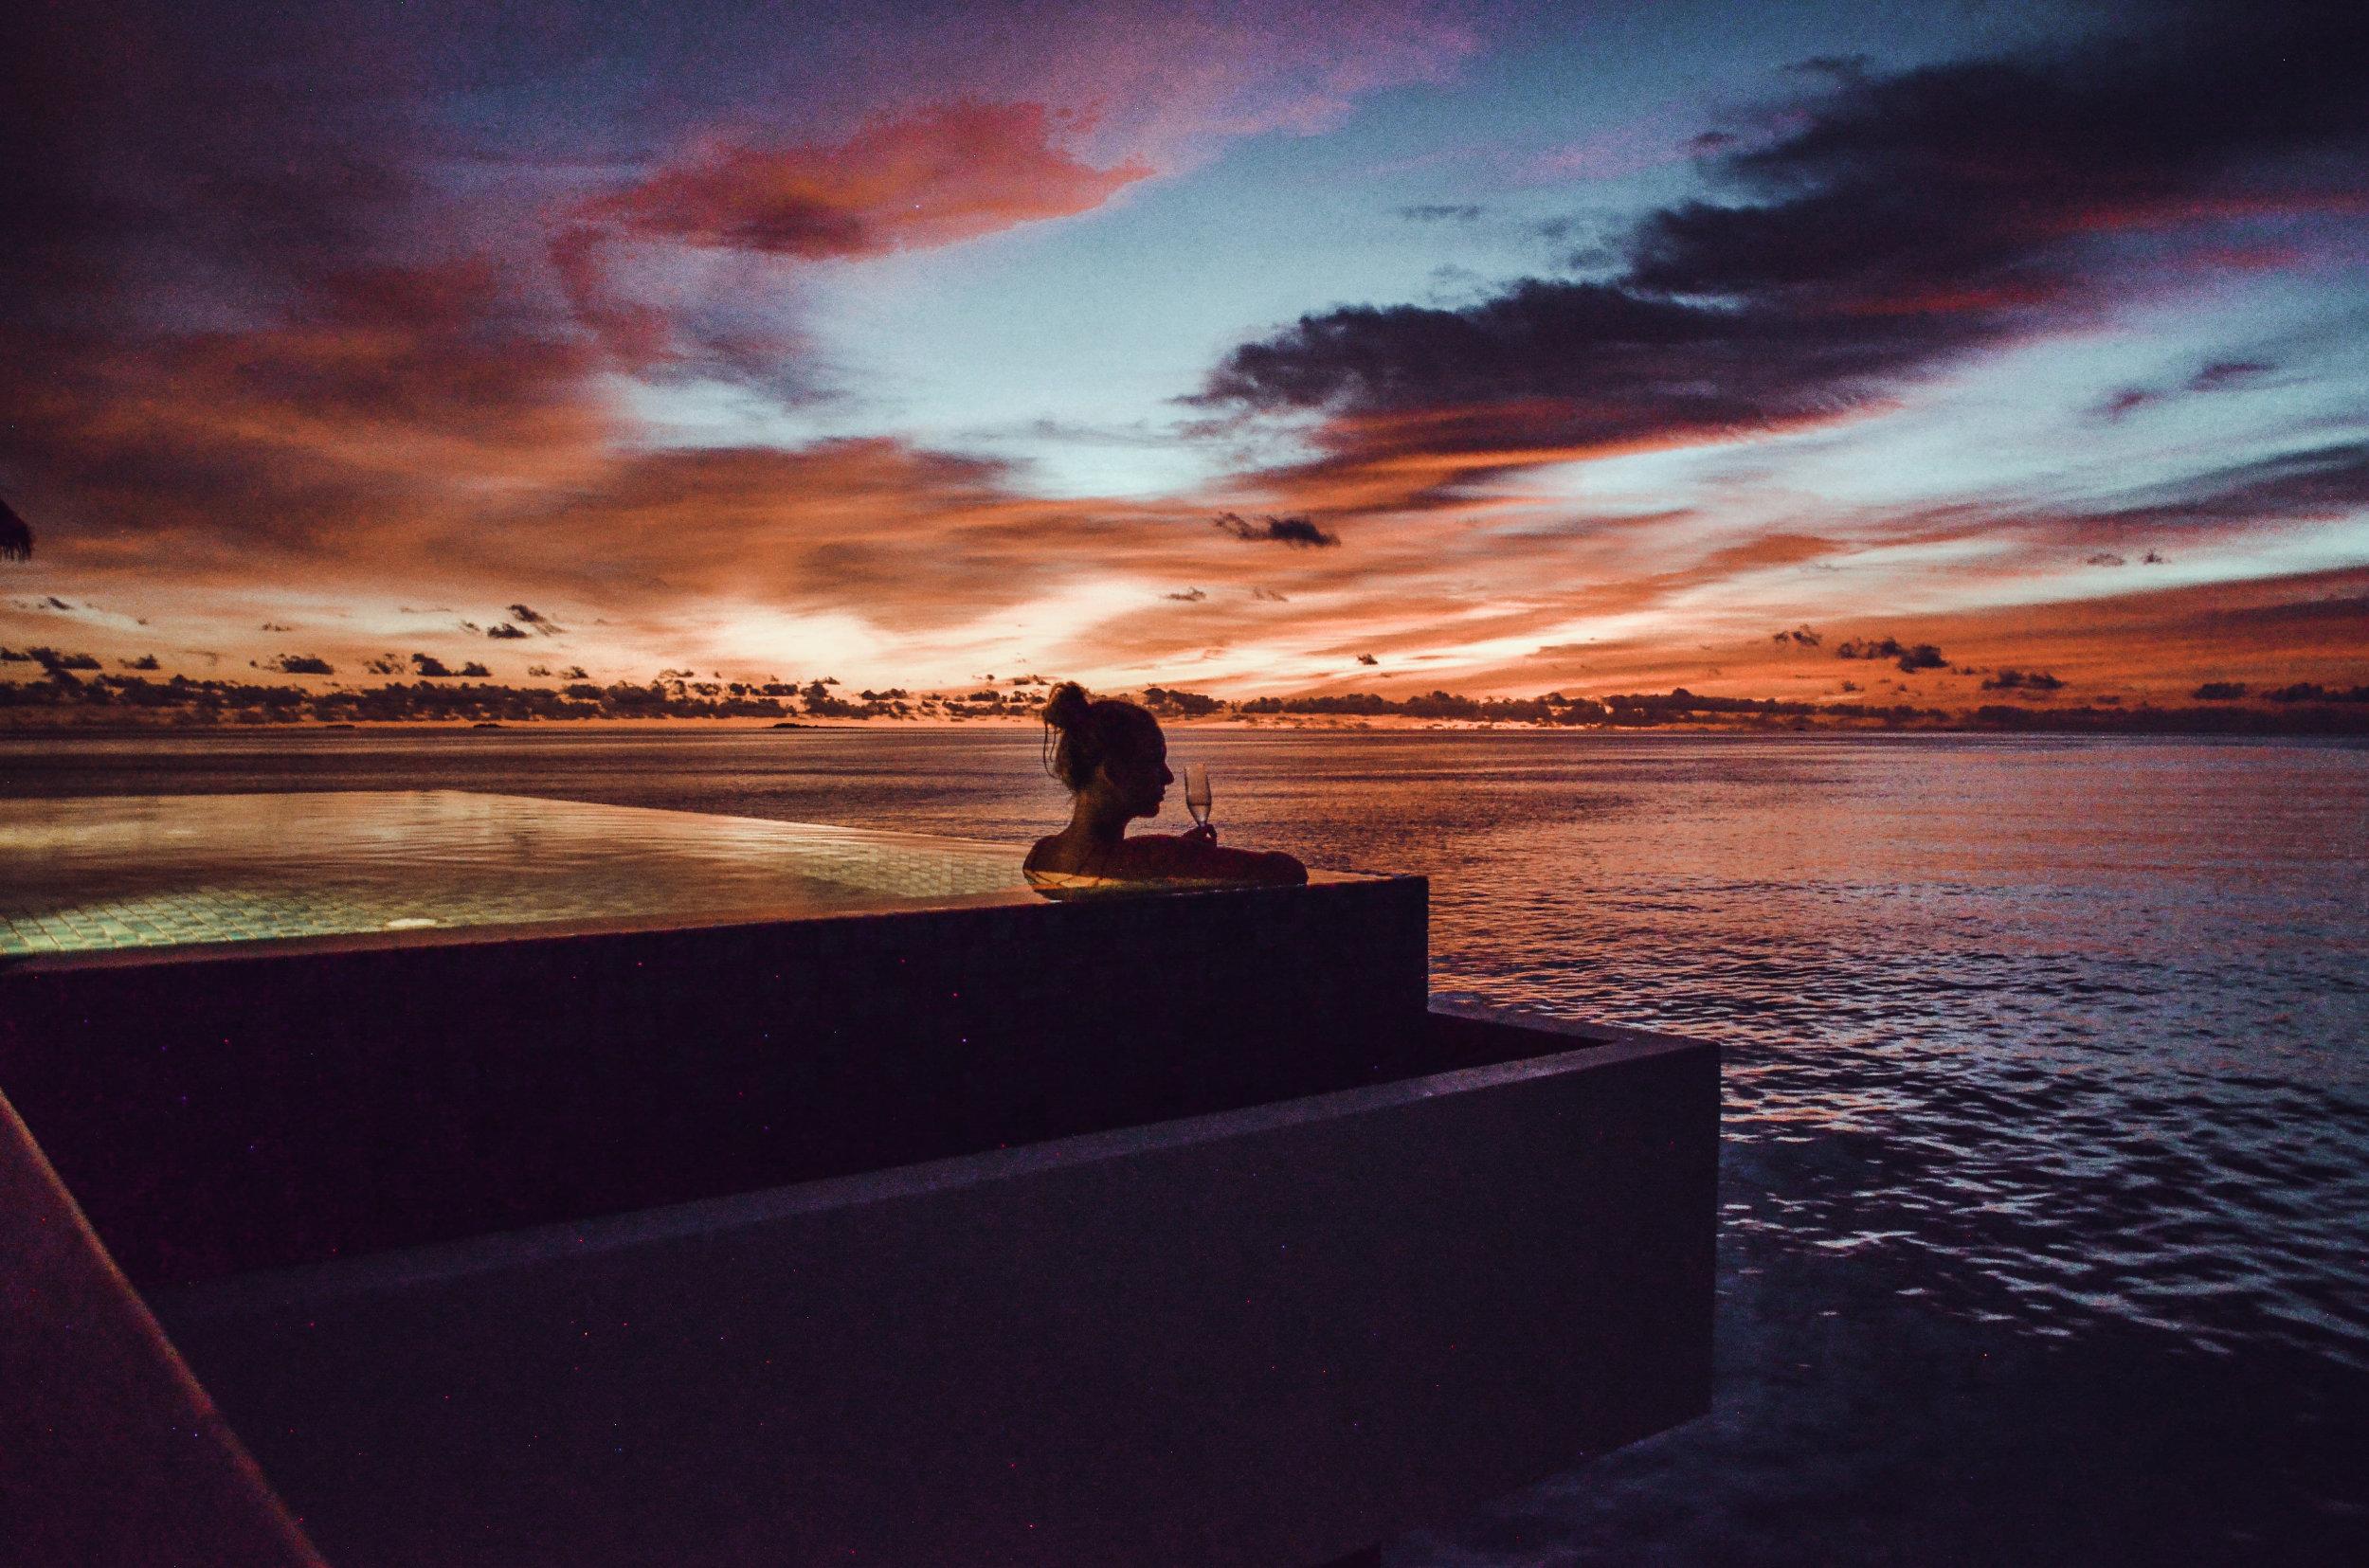 Wunderschöner Sonnenuntergang auf den Malediven